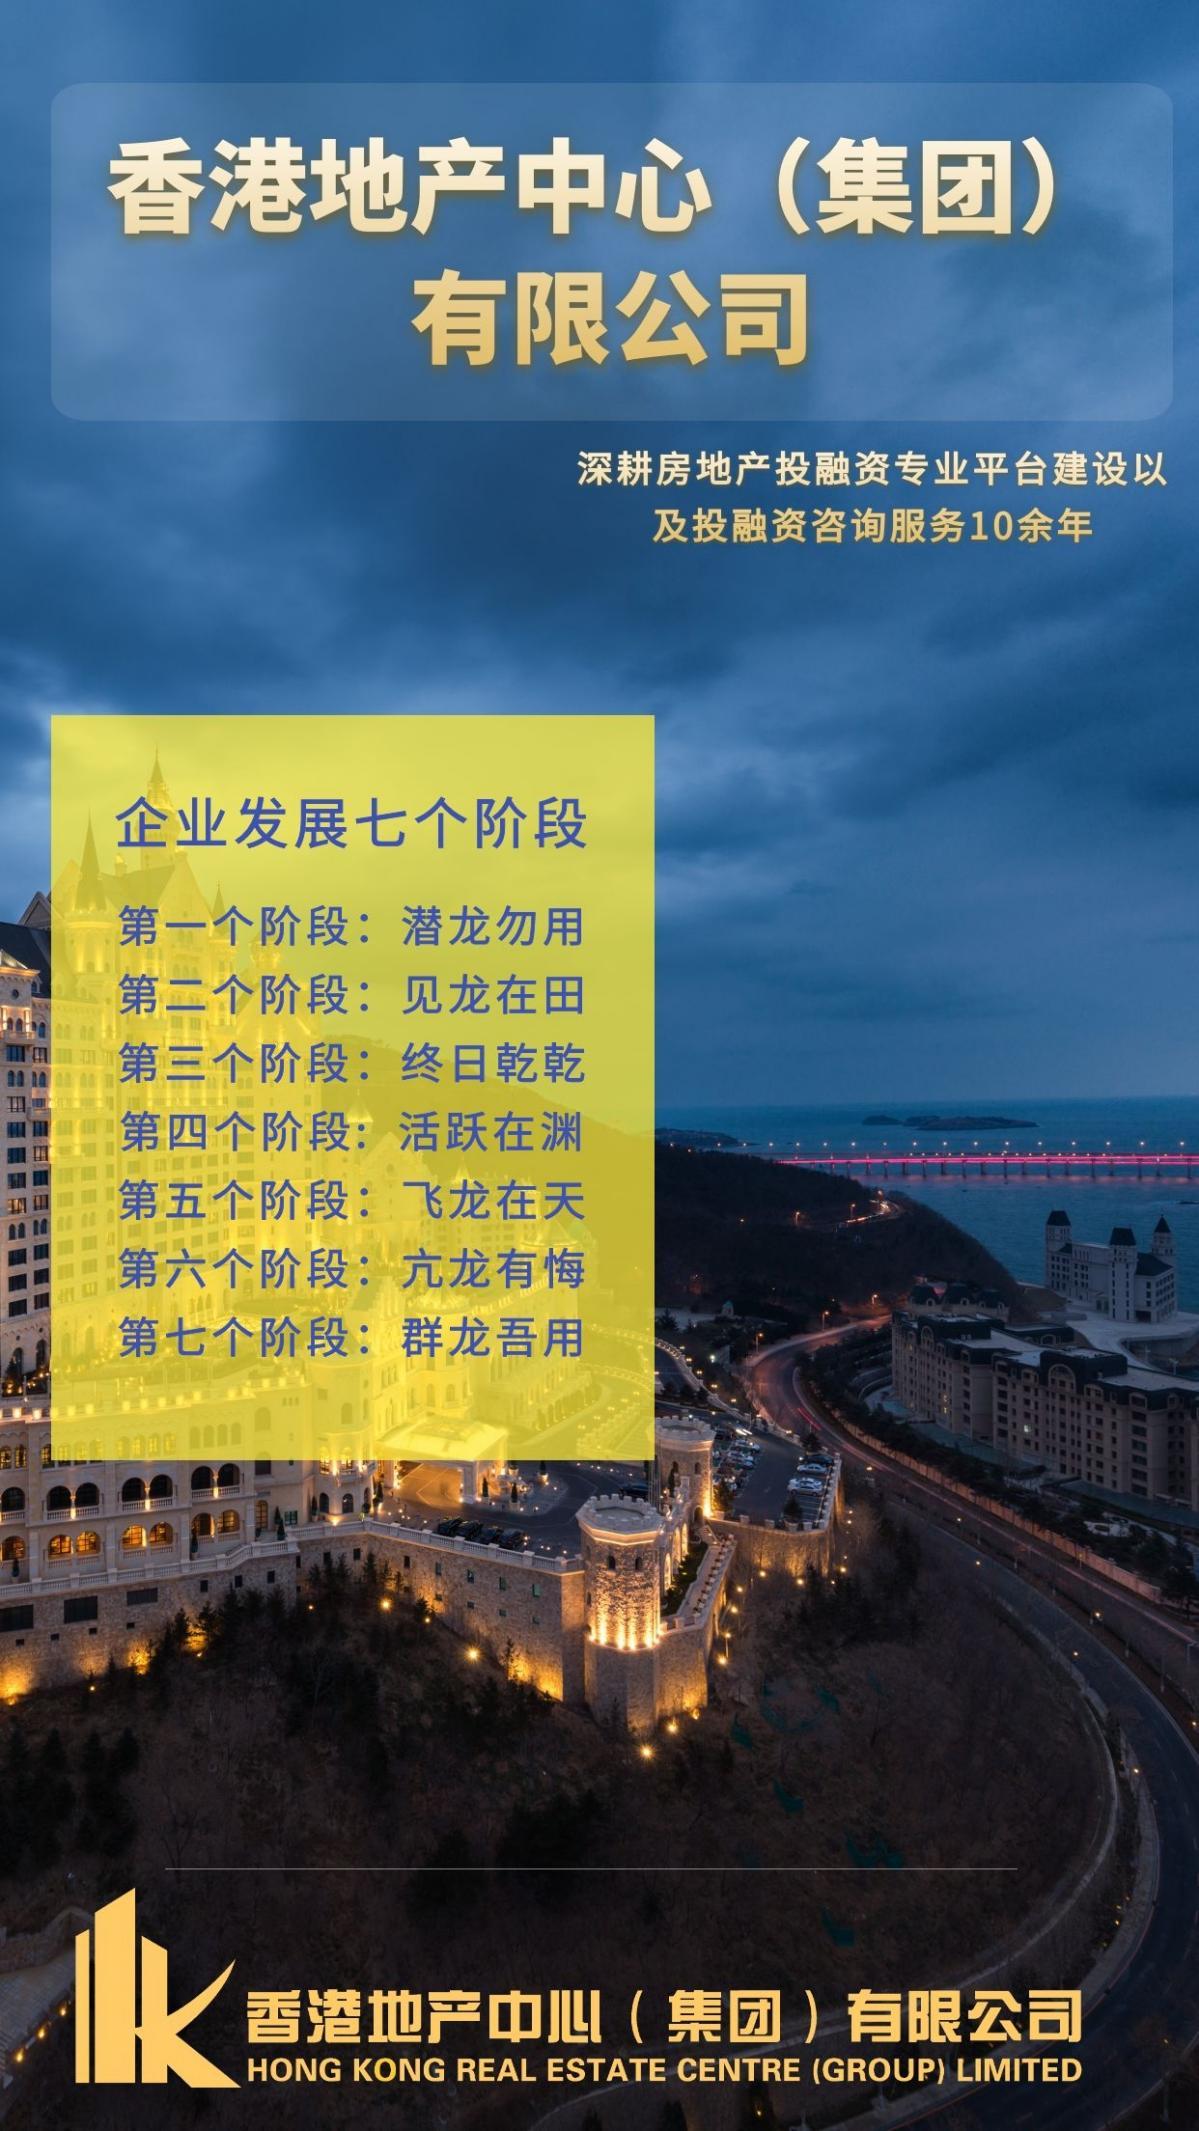 香港地产中心(集团)有限公司王坦总结企业发展7个阶段